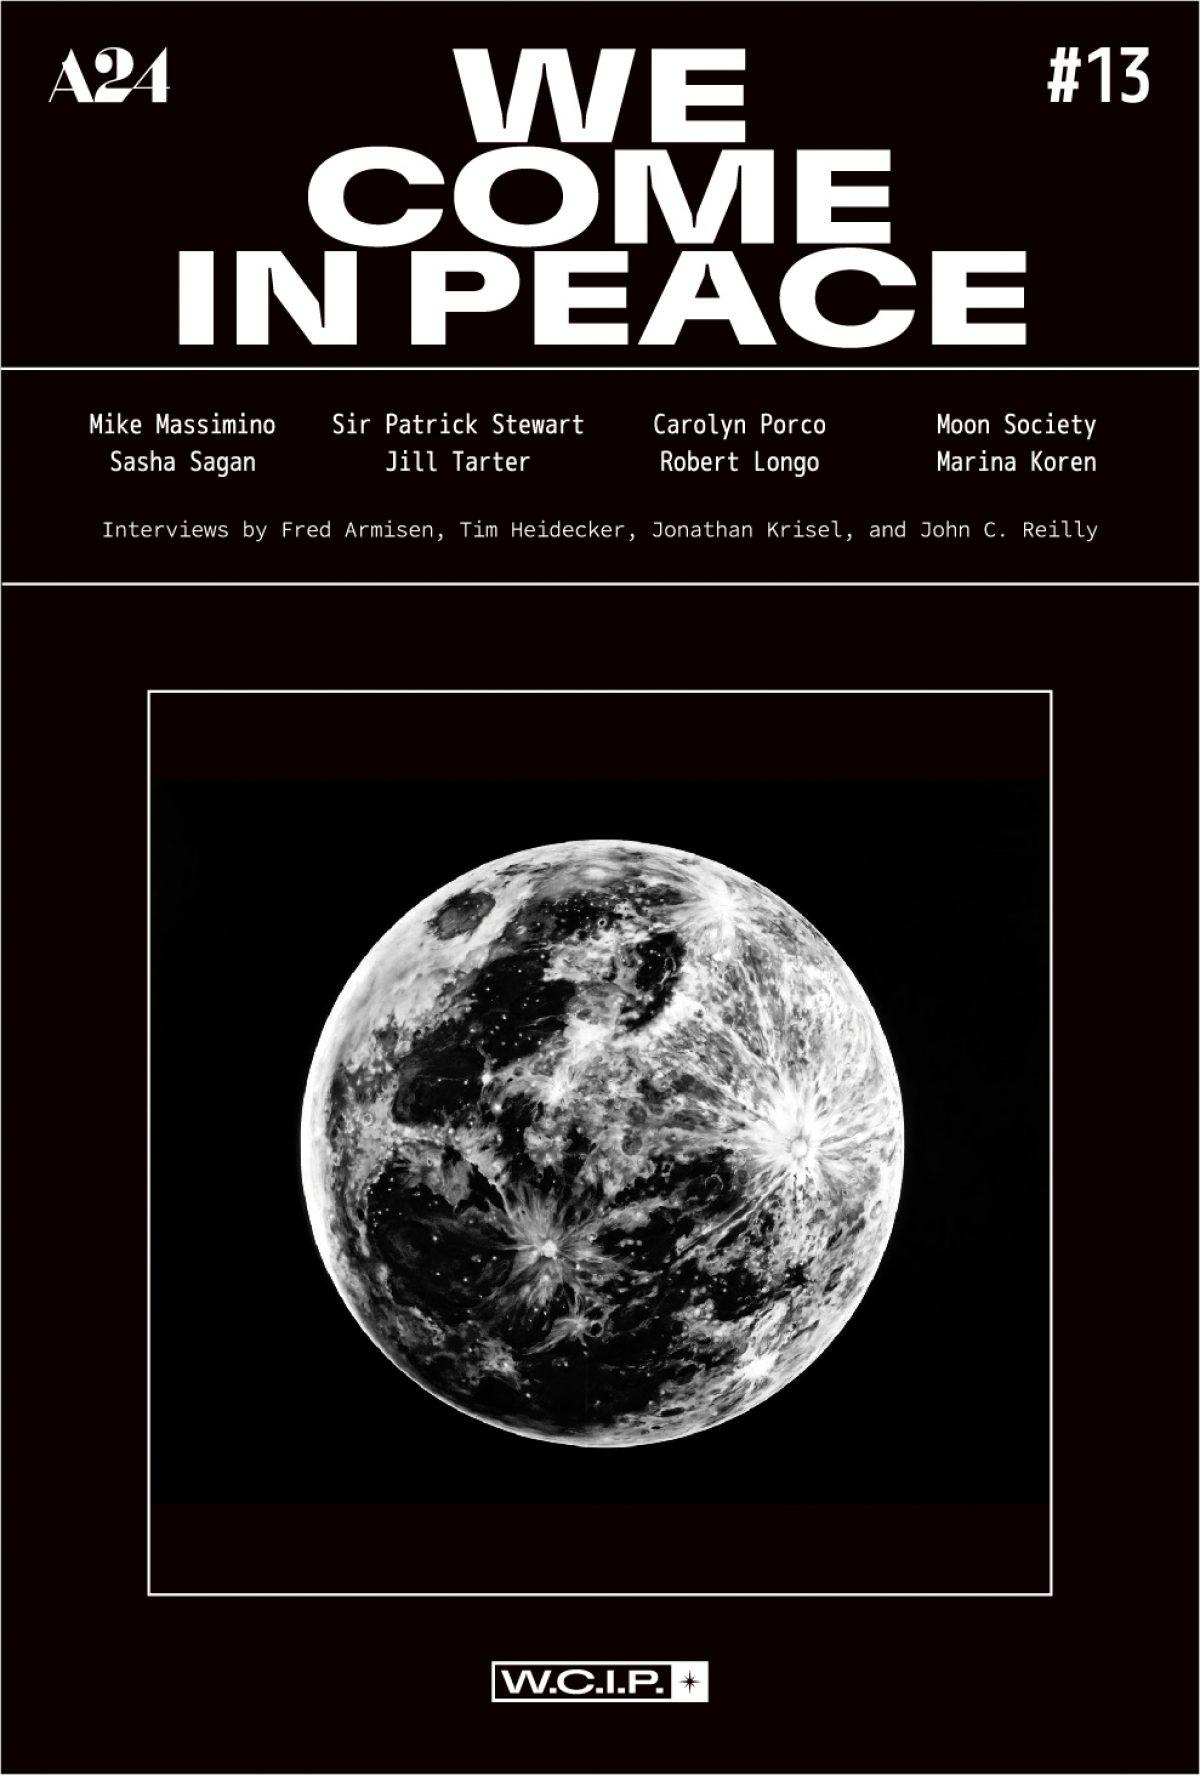 A24 Zine Moonbase8 Web Cover Thumbnail2